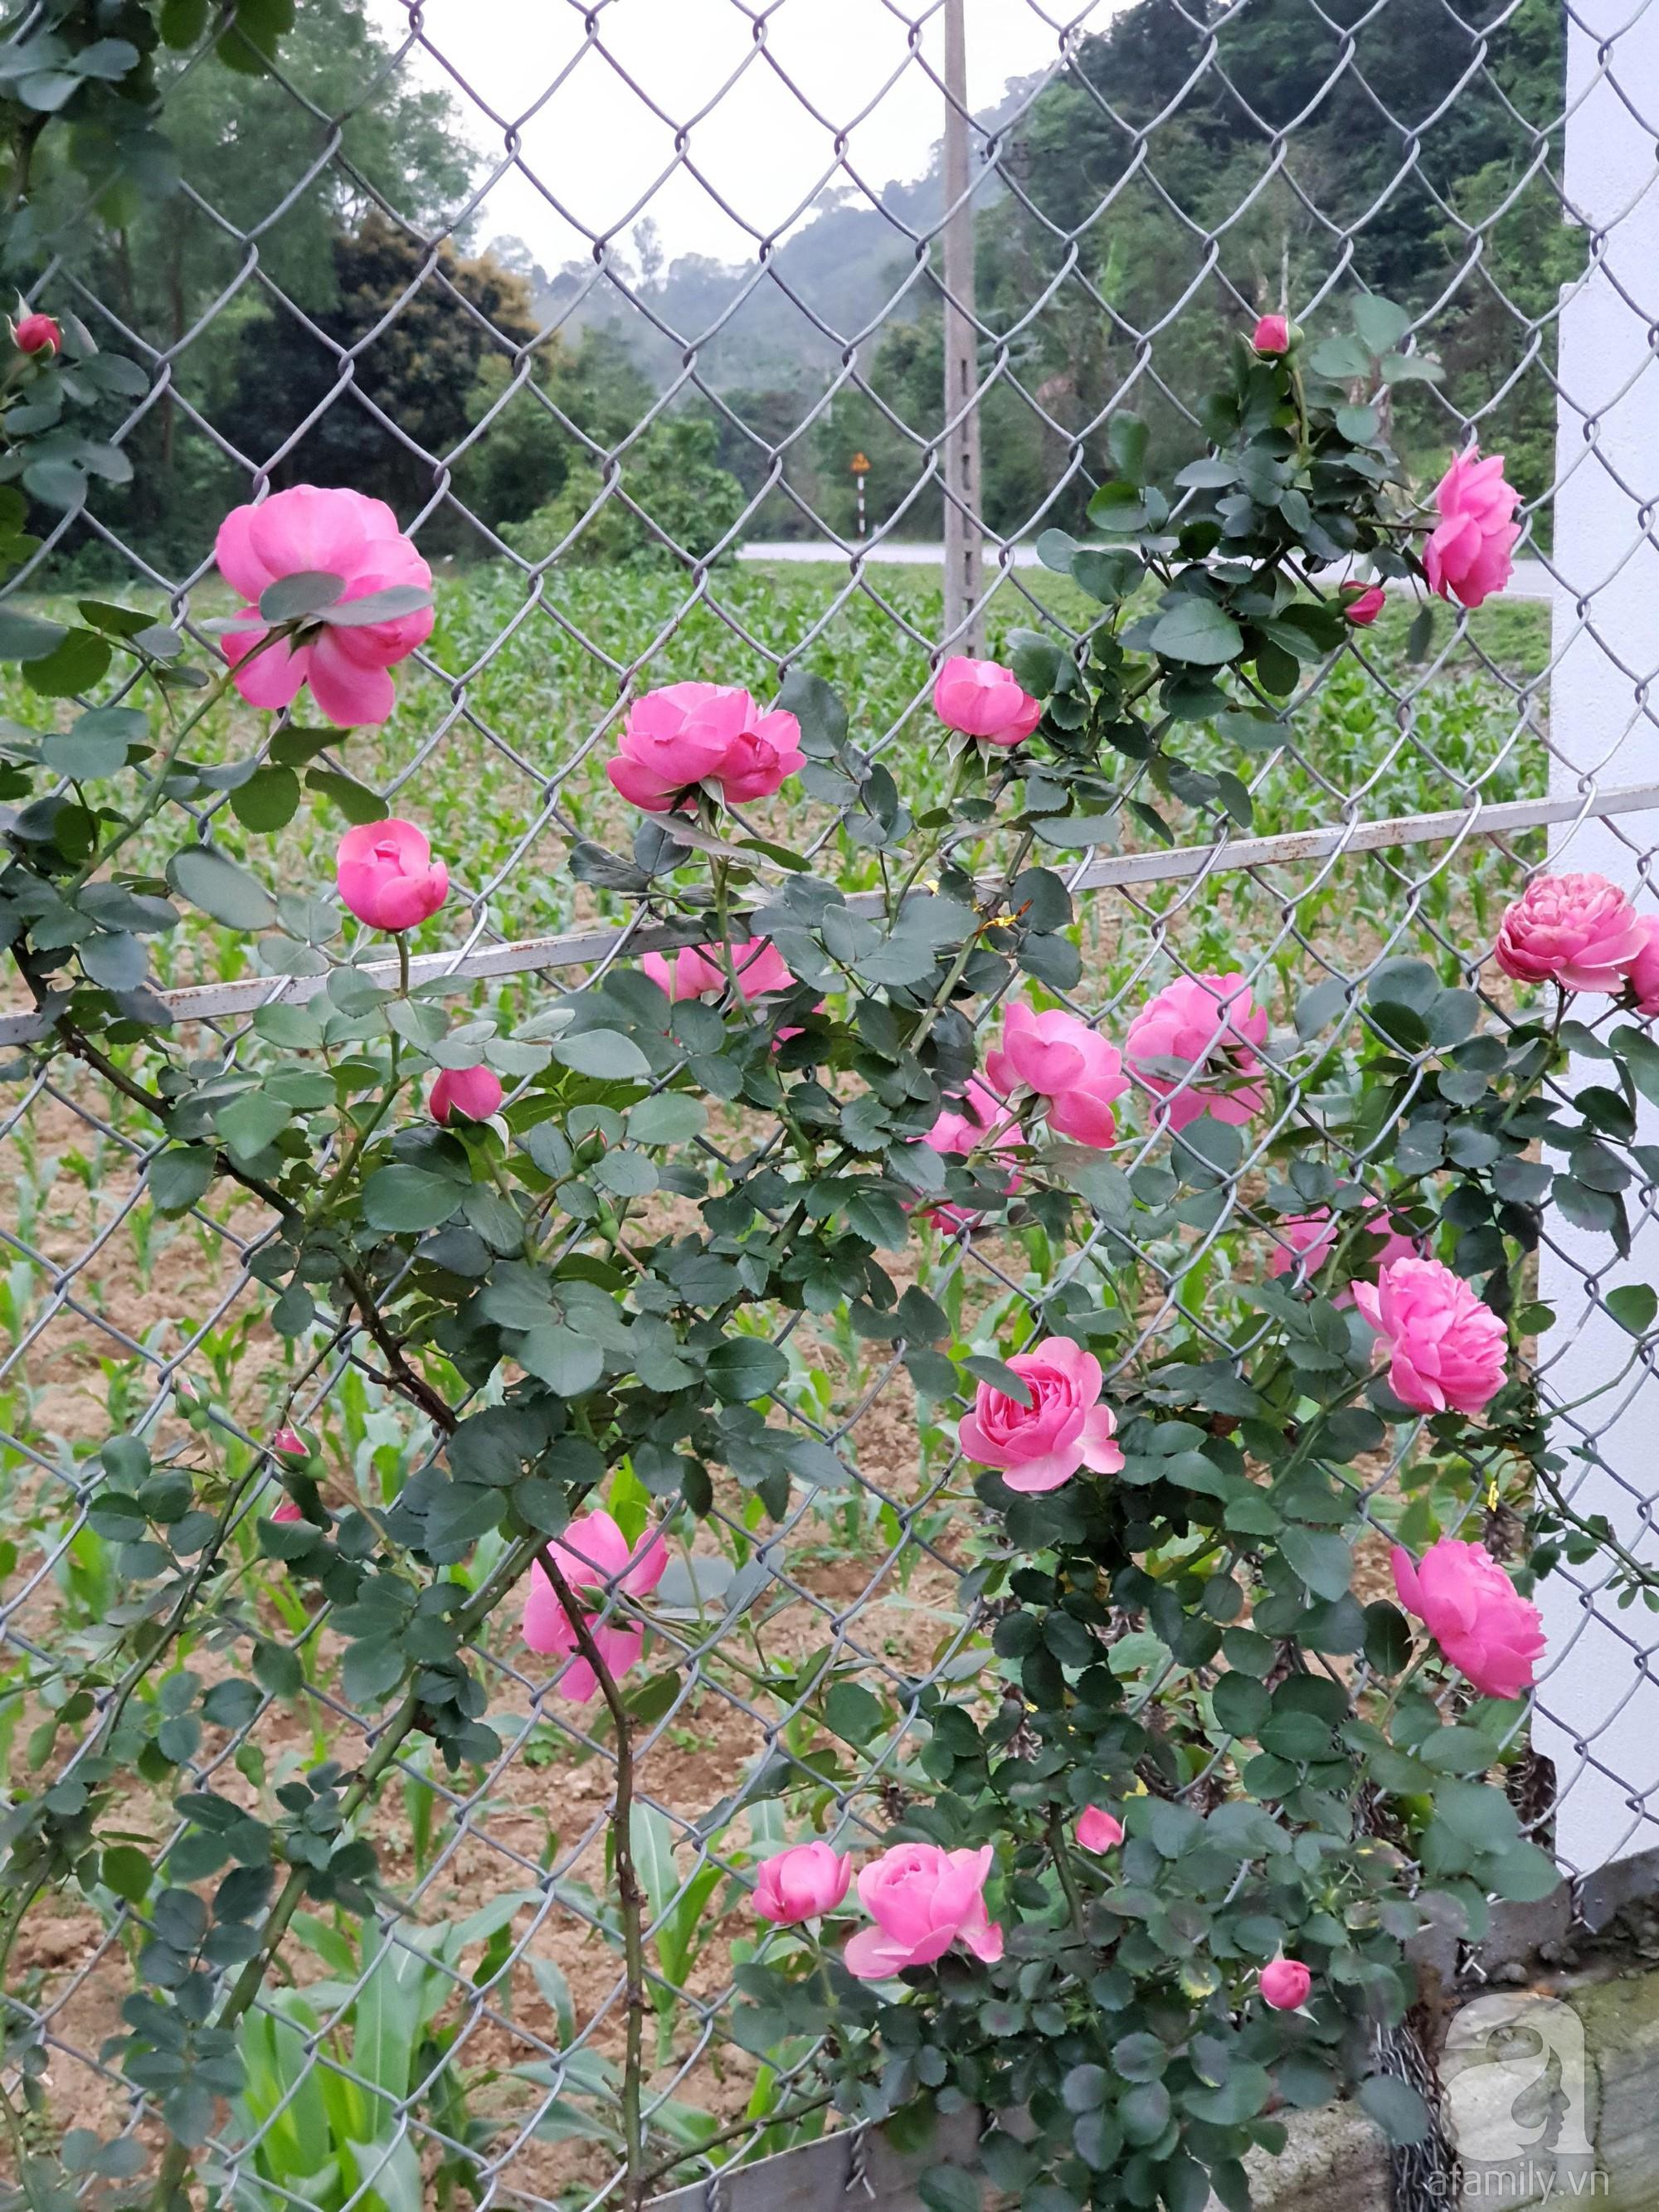 Ngôi nhà hoa hồng thơm ngát và rực rỡ với hàng trăm gốc hồng trên triền núi của cô giáo ở Cao Bằng - Ảnh 20.